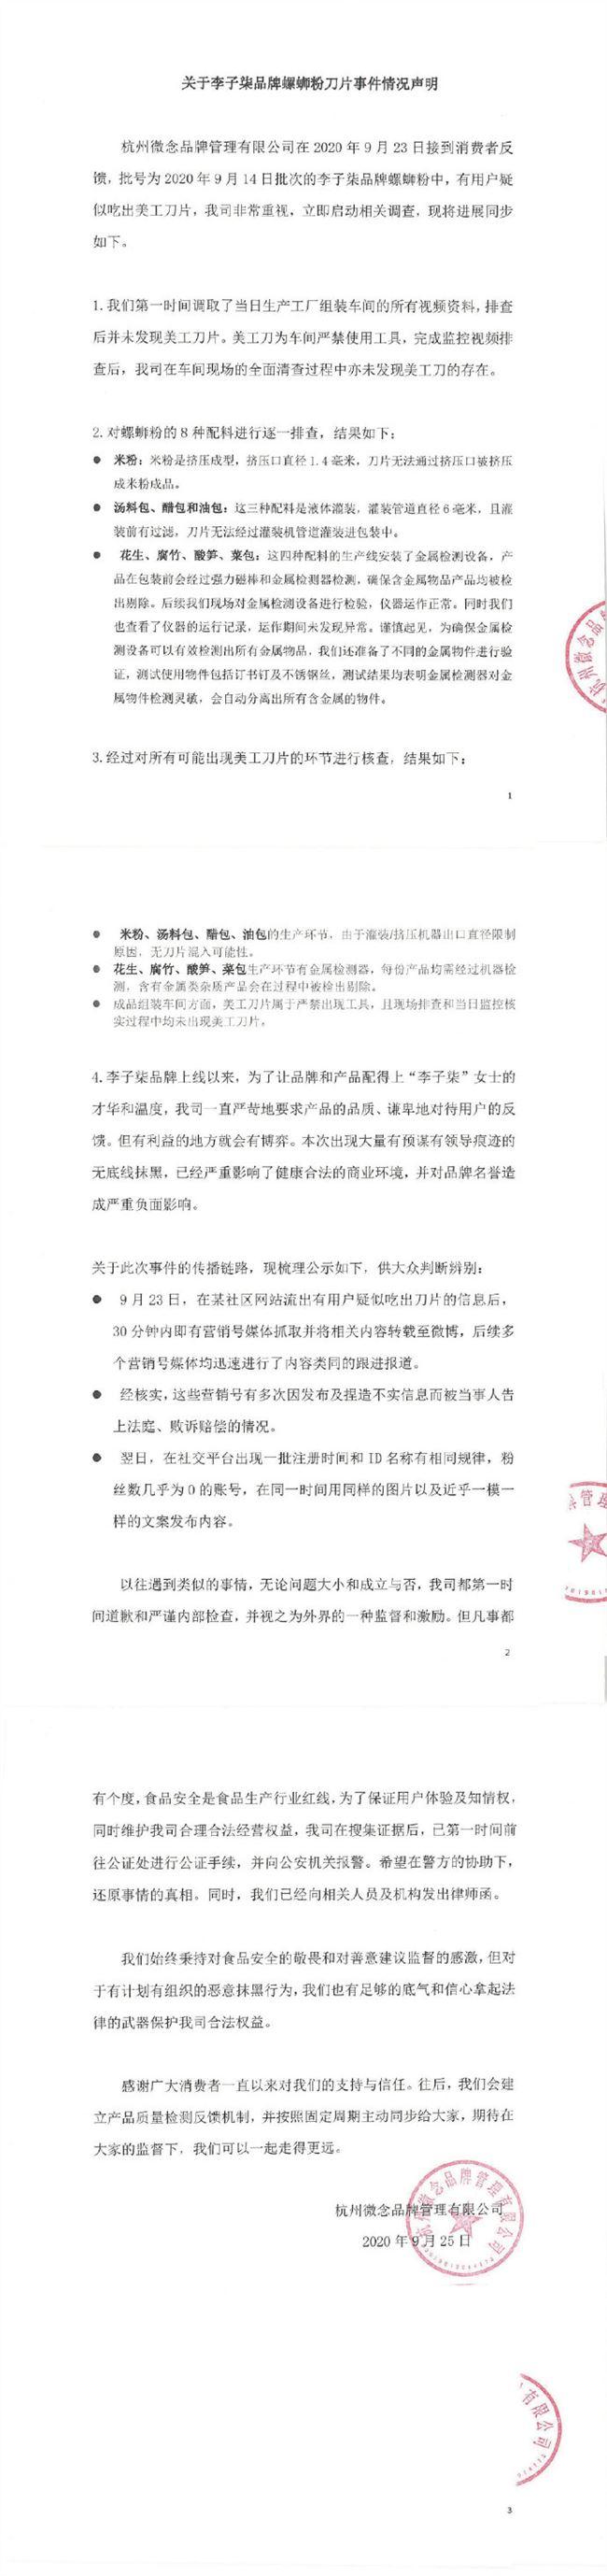 李子柒品牌回应用户在螺蛳粉中吃出刀片:无底线的恶意抹黑